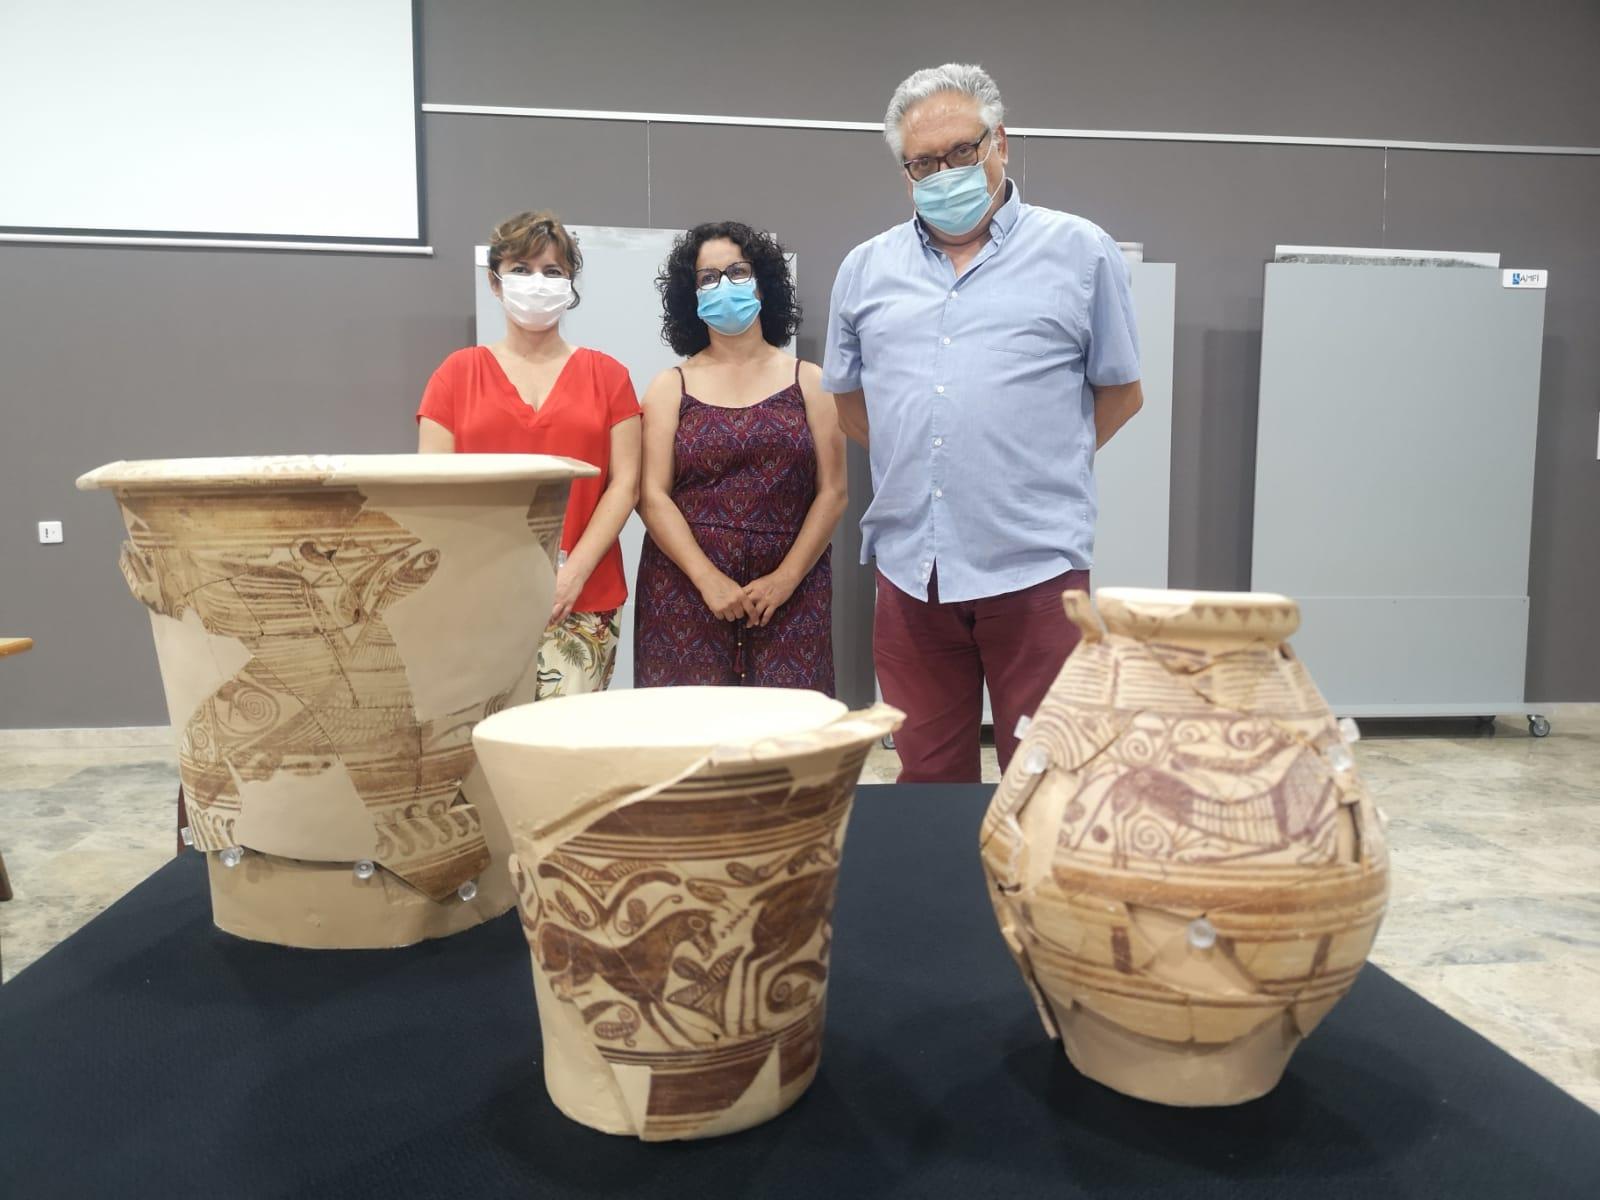 El Museo Arqueológico de Elda restaura ocho piezas arquelógicas del Yacimiento Arqueológico de El Monastil